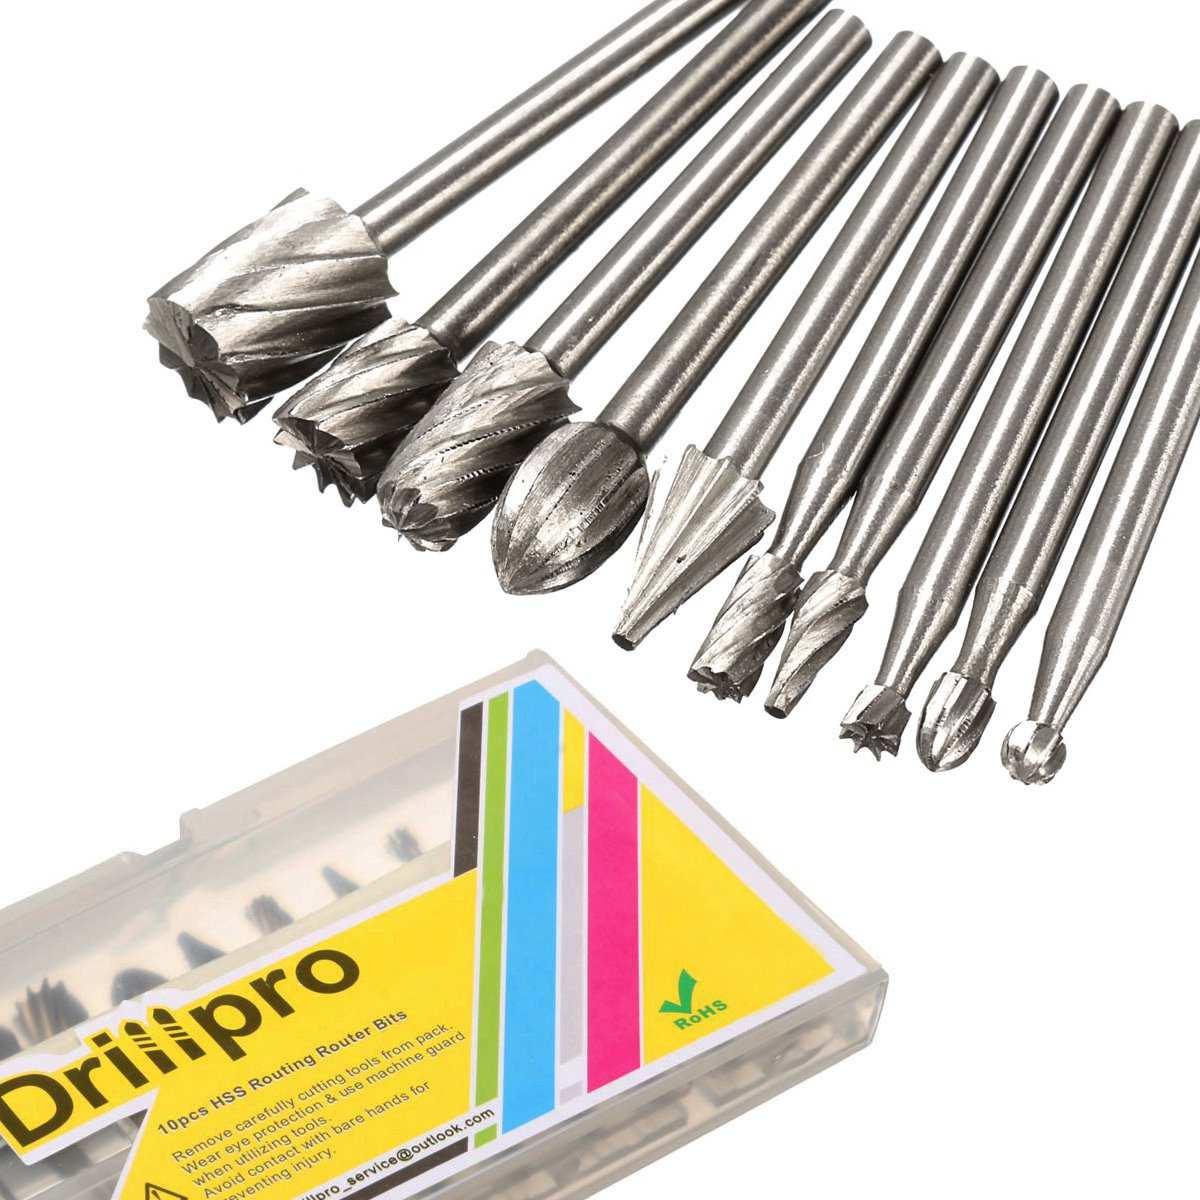 99 Teilig Spiralbohrer HSS Stahlbohrer Metallbohrer Bohrer-Set 1.5-10mm DIN 338